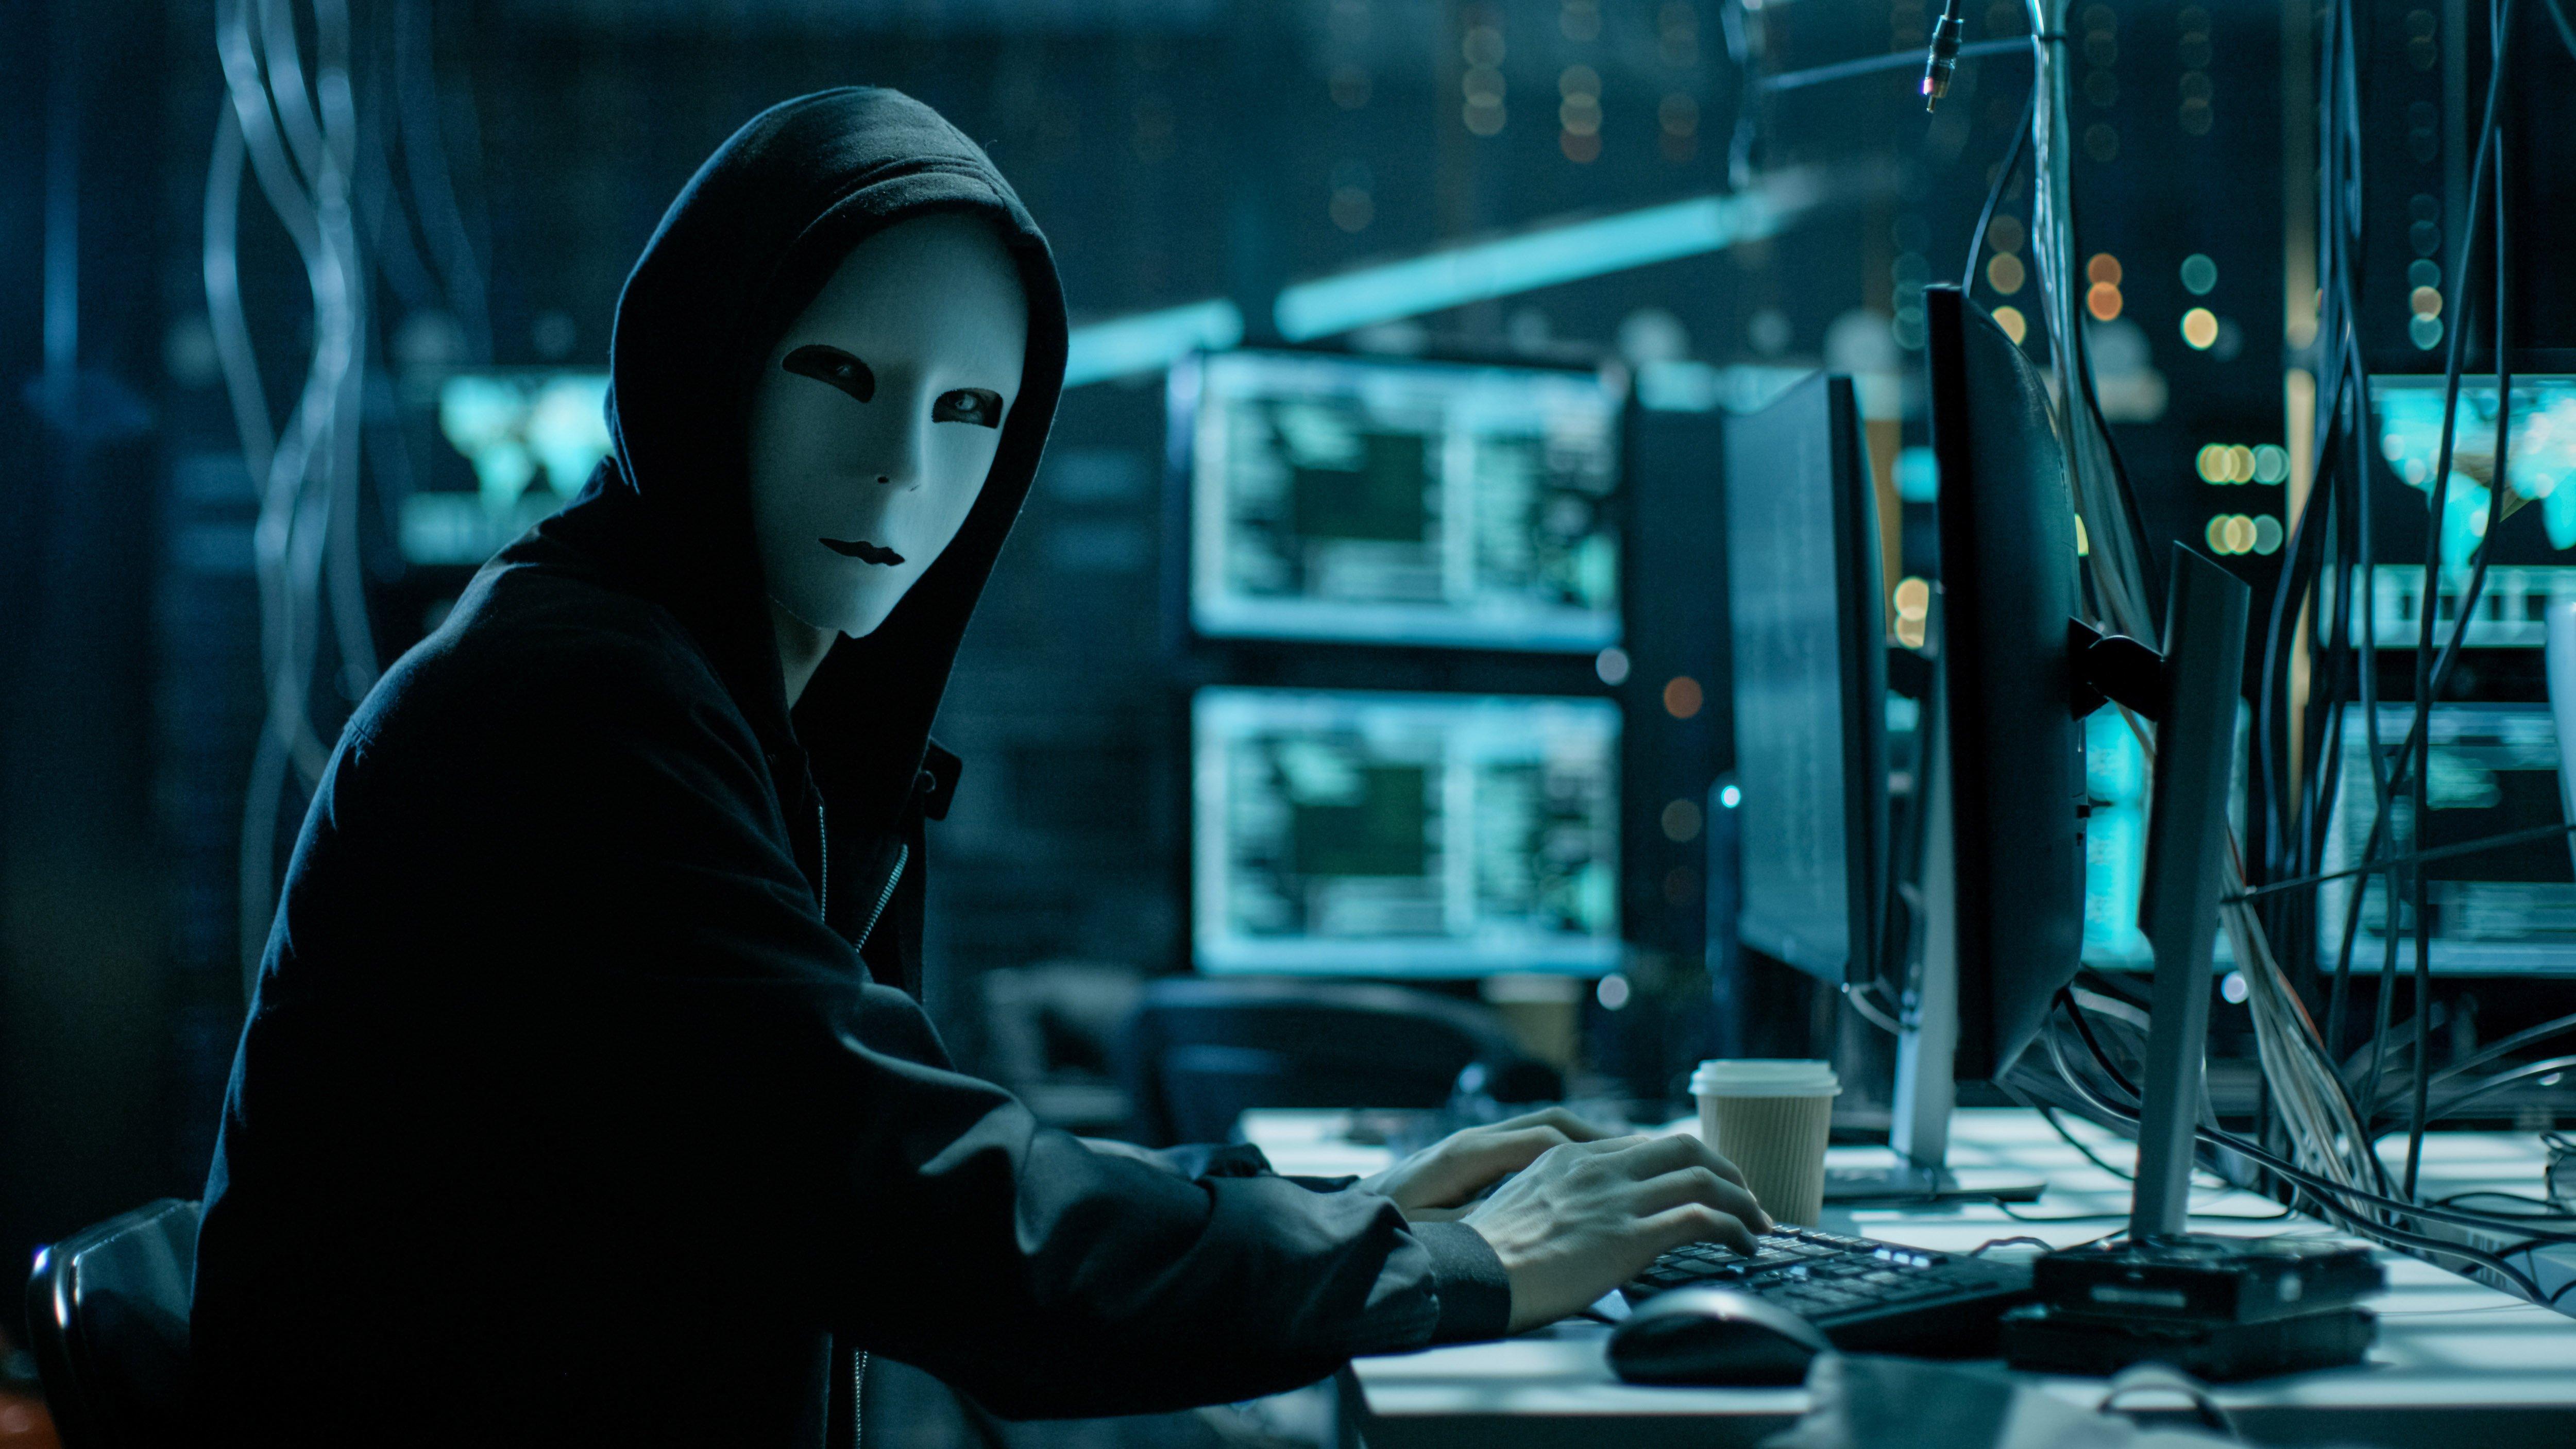 Hình ảnh Hacker nhìn màn hình gõ phím